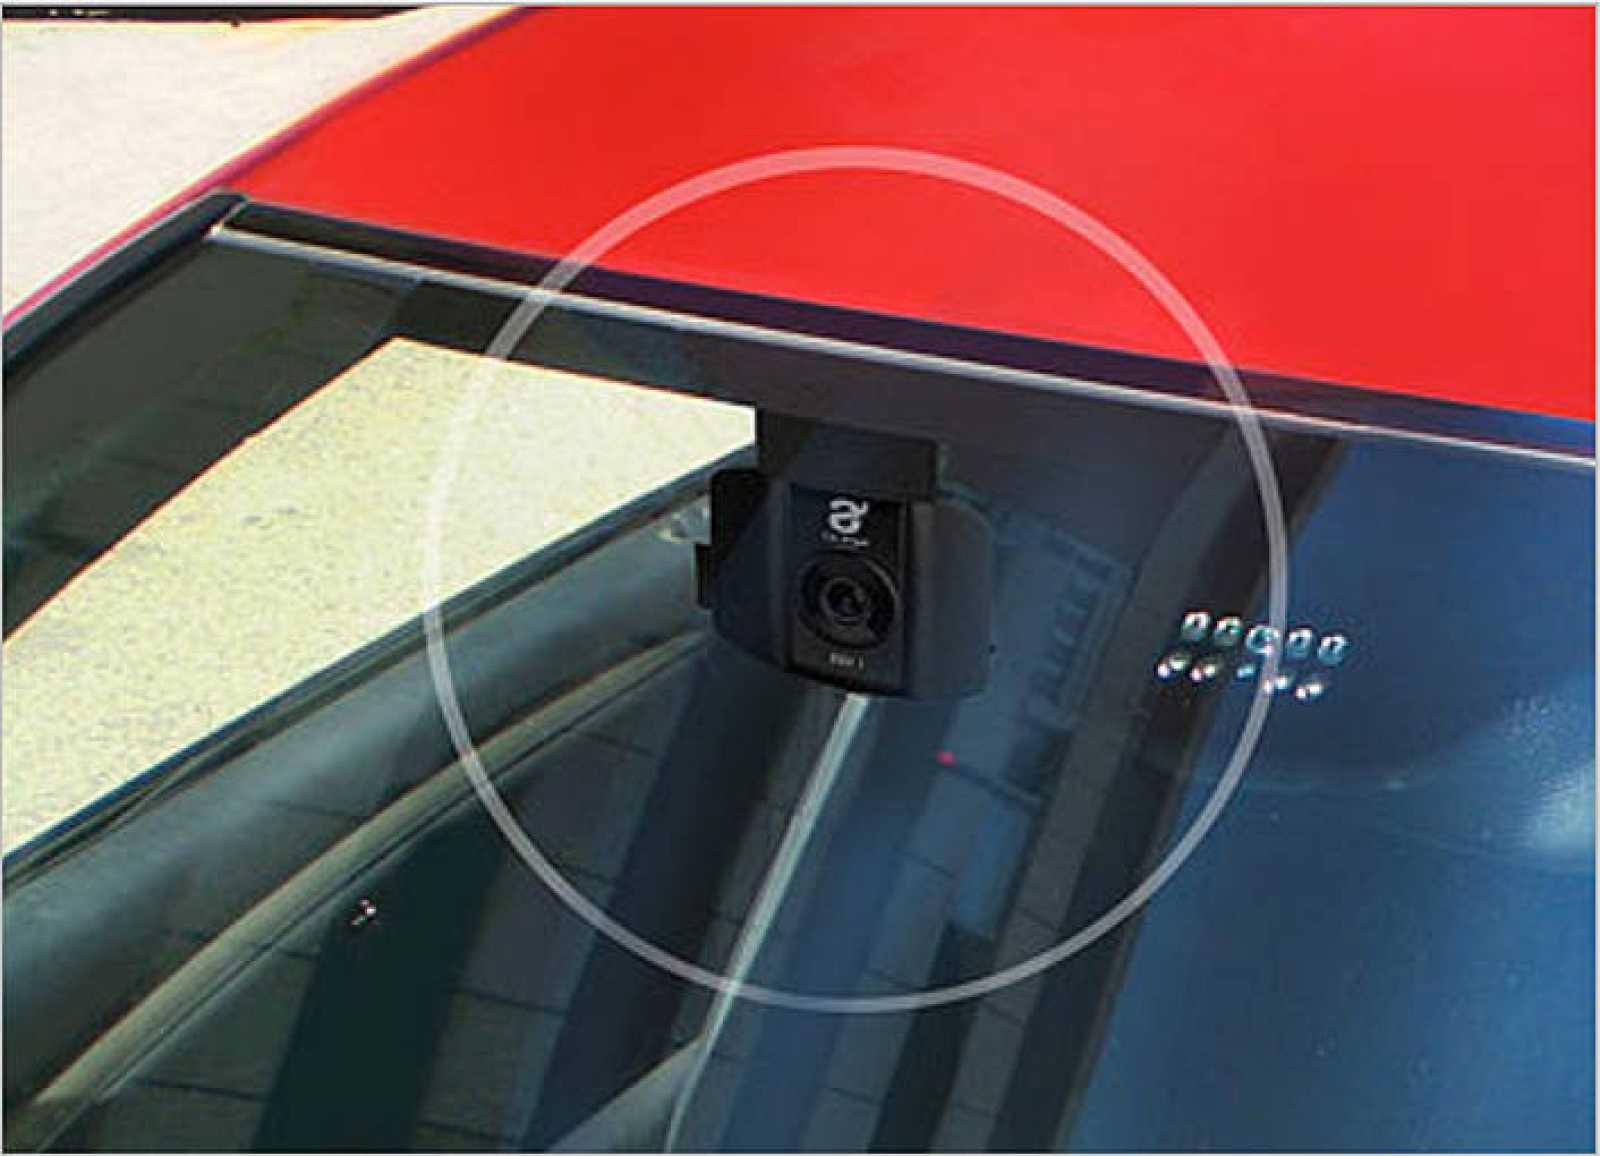 Cajas negras para automóviles: ángeles de la guarda tras el parabrisas